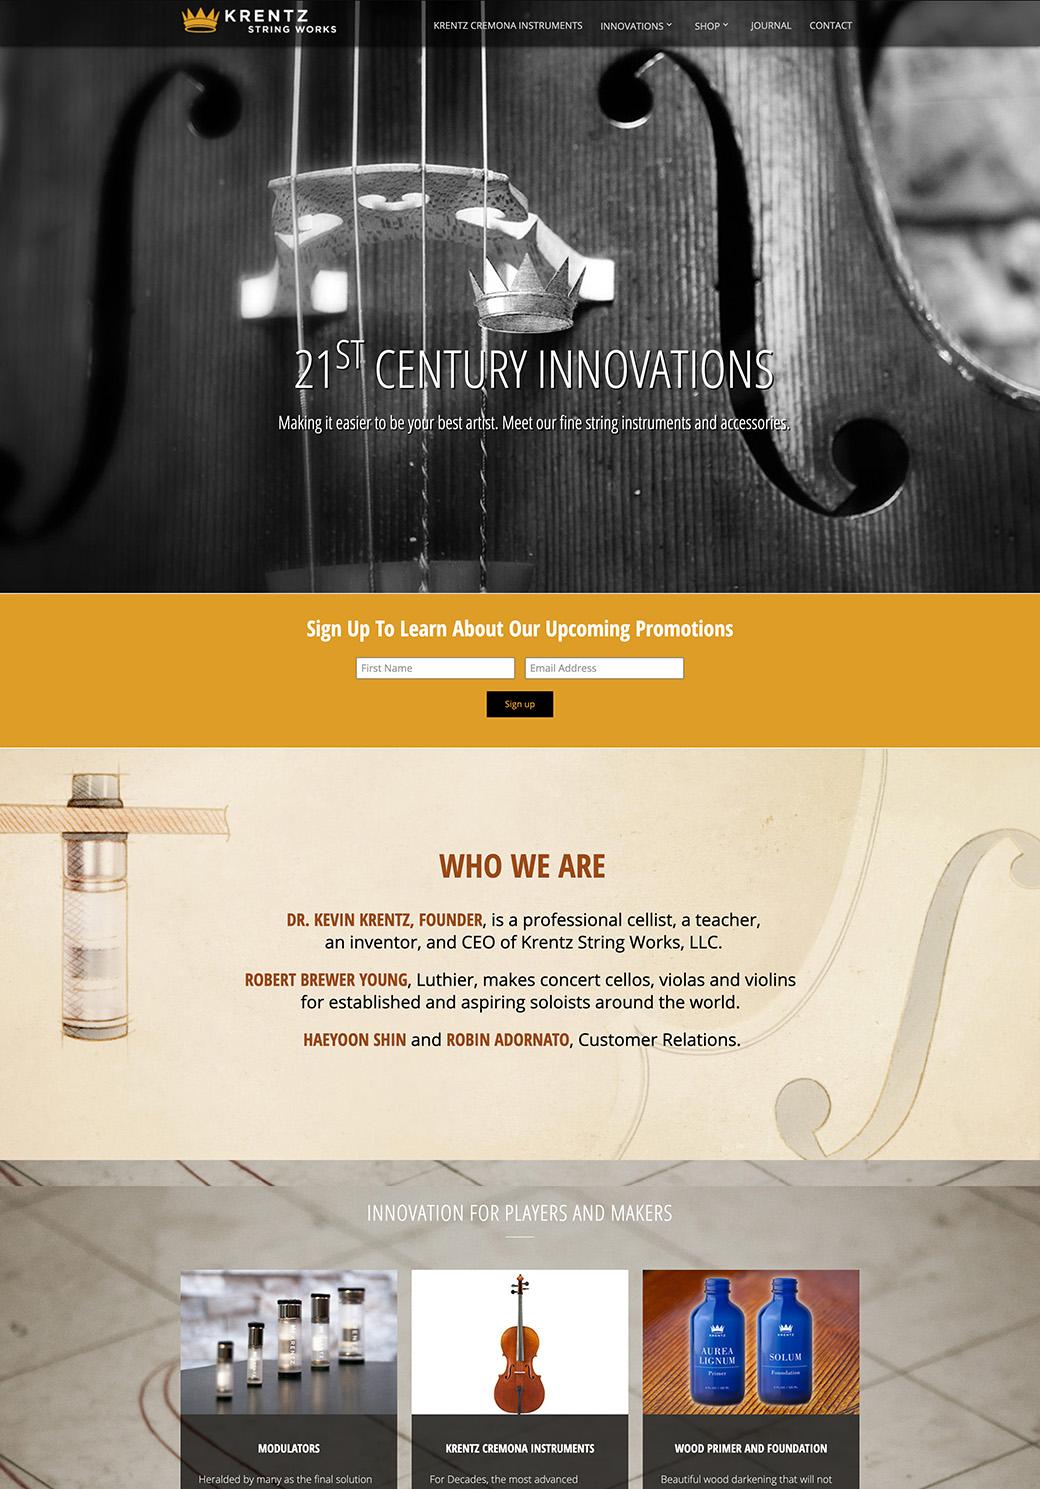 Krentz String Works Homepage